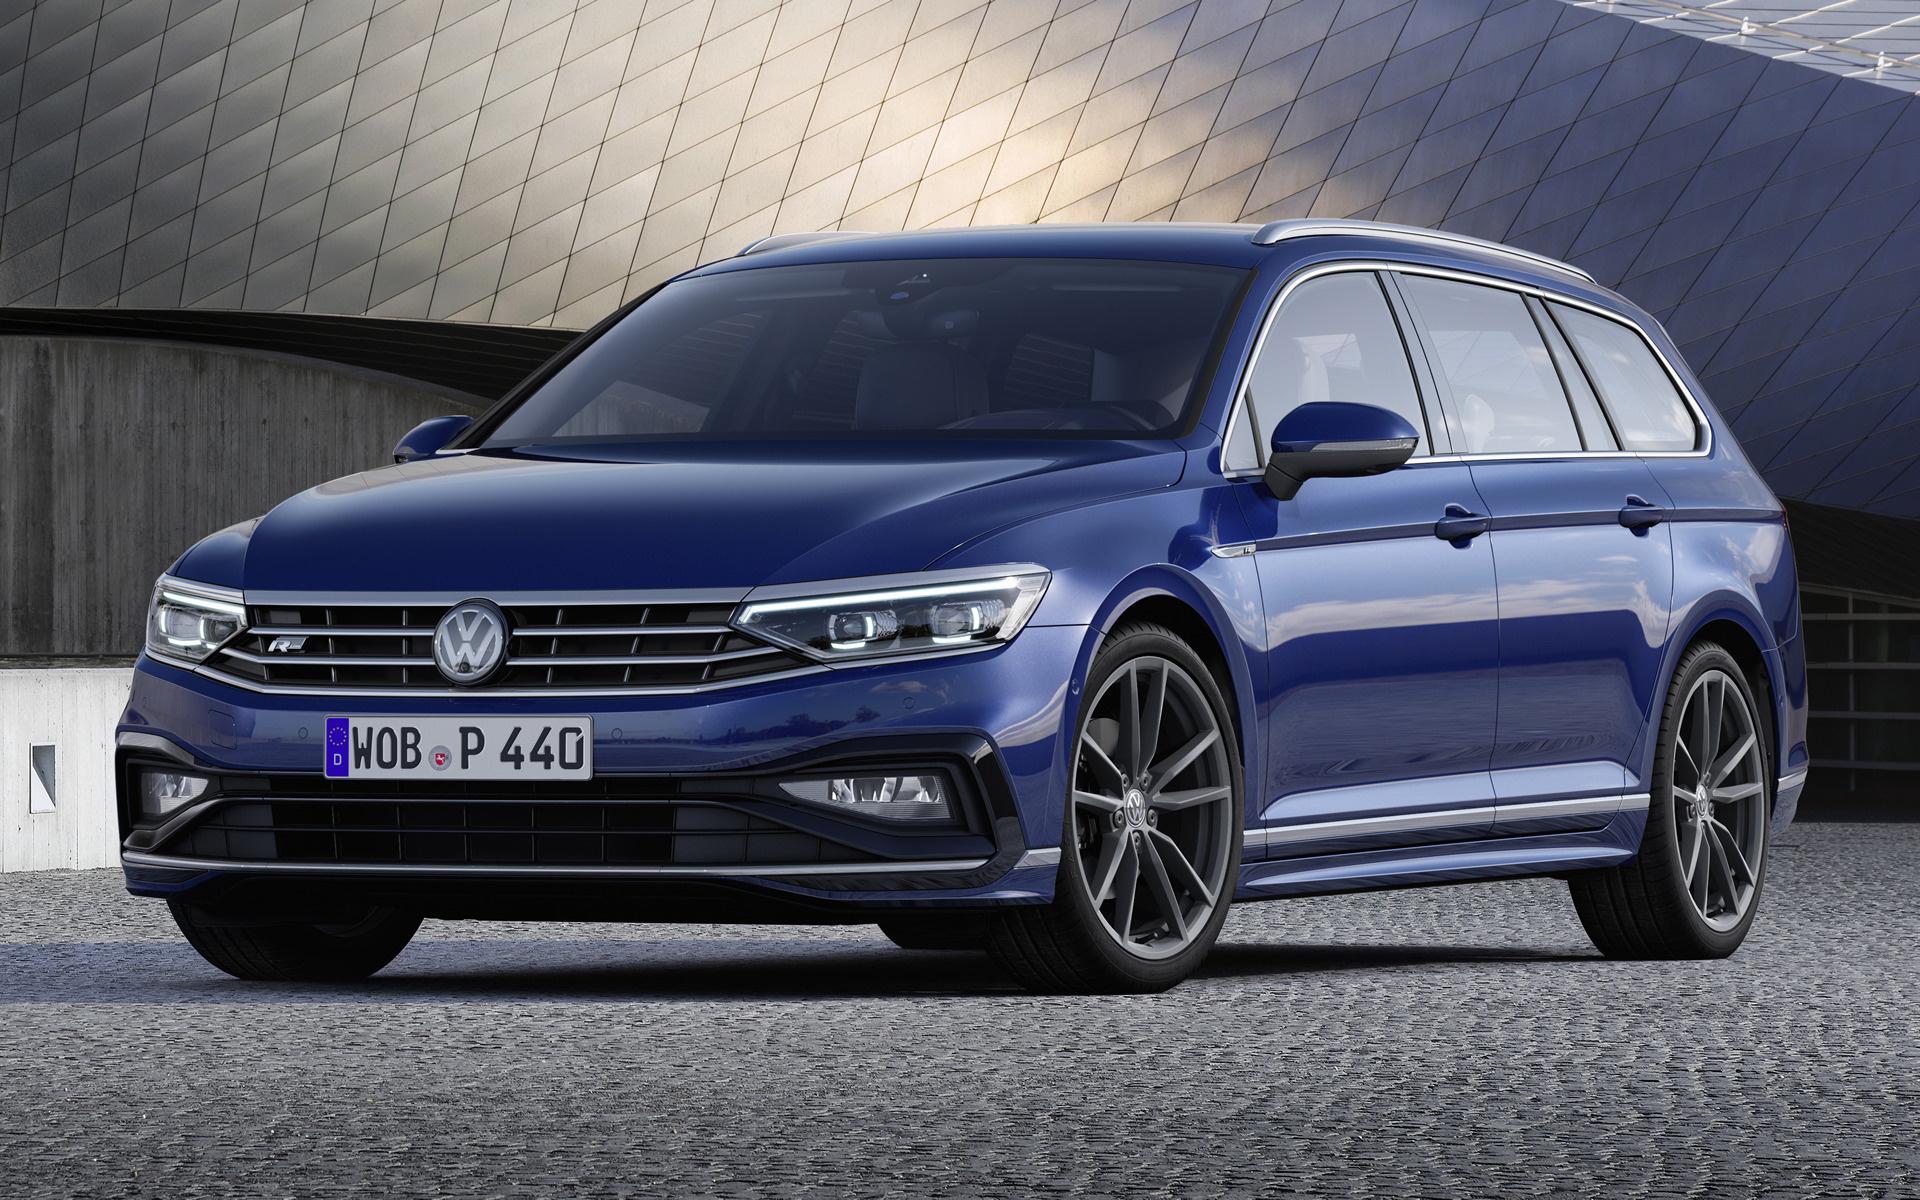 2019 Volkswagen Passat Variant R-Line - Wallpapers and HD ...